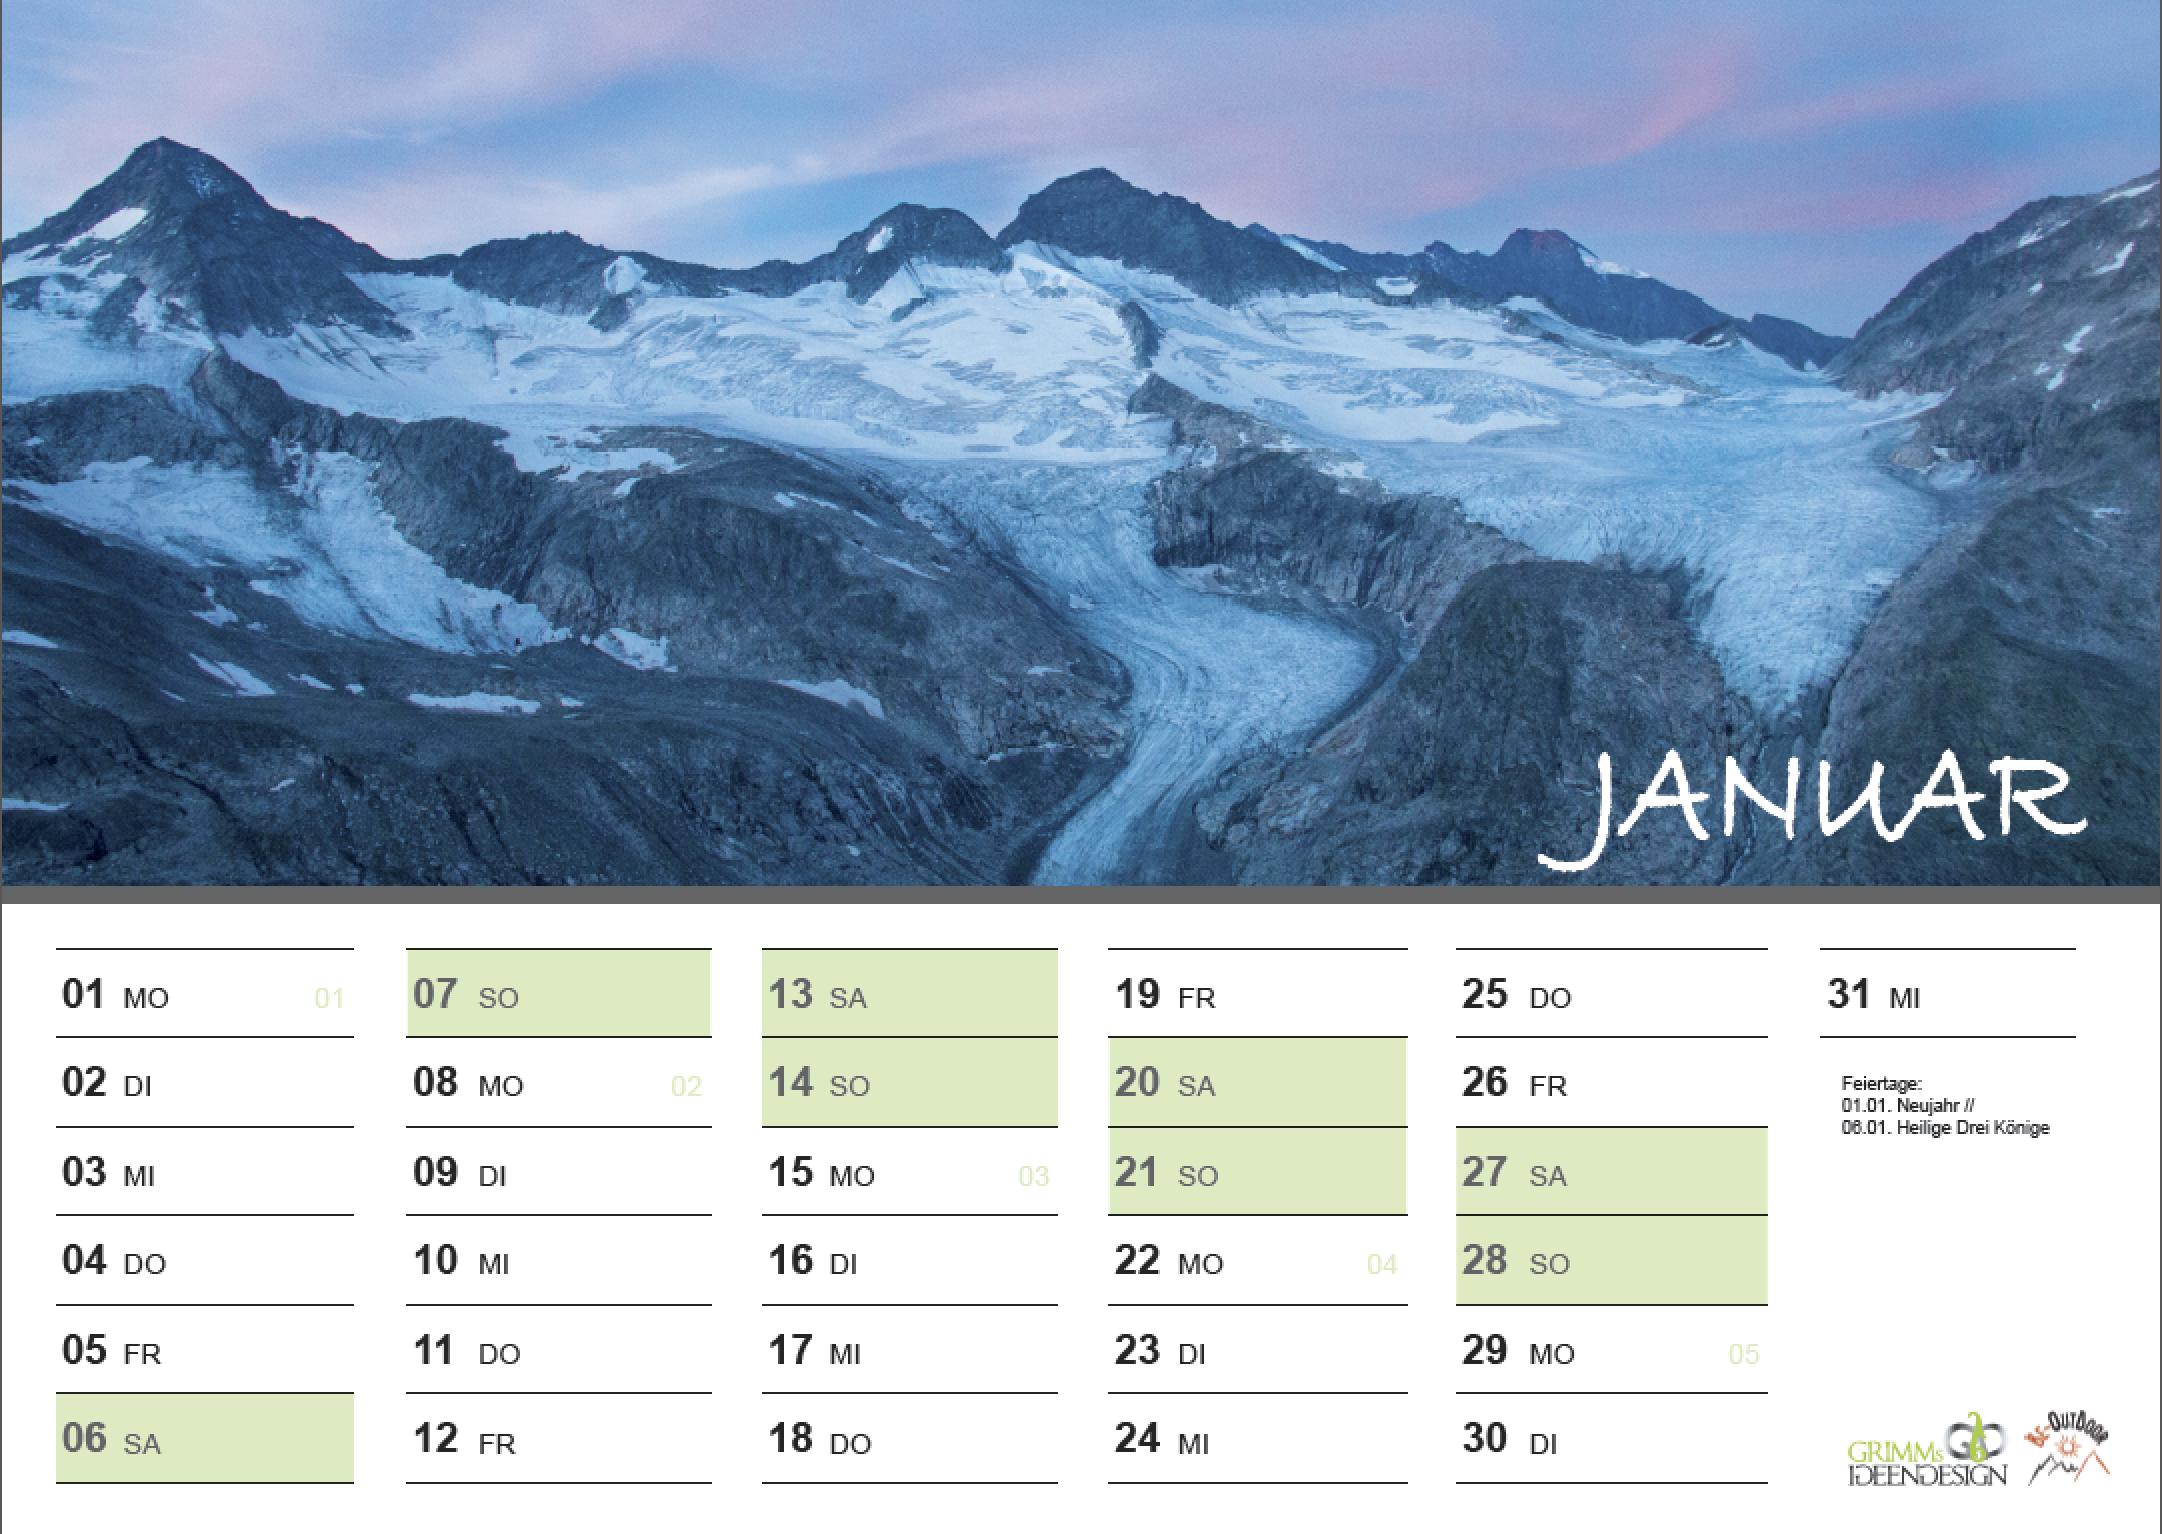 Januar - Fotokalender 2018 - Schönheit der Berge von Alexandra Grimm